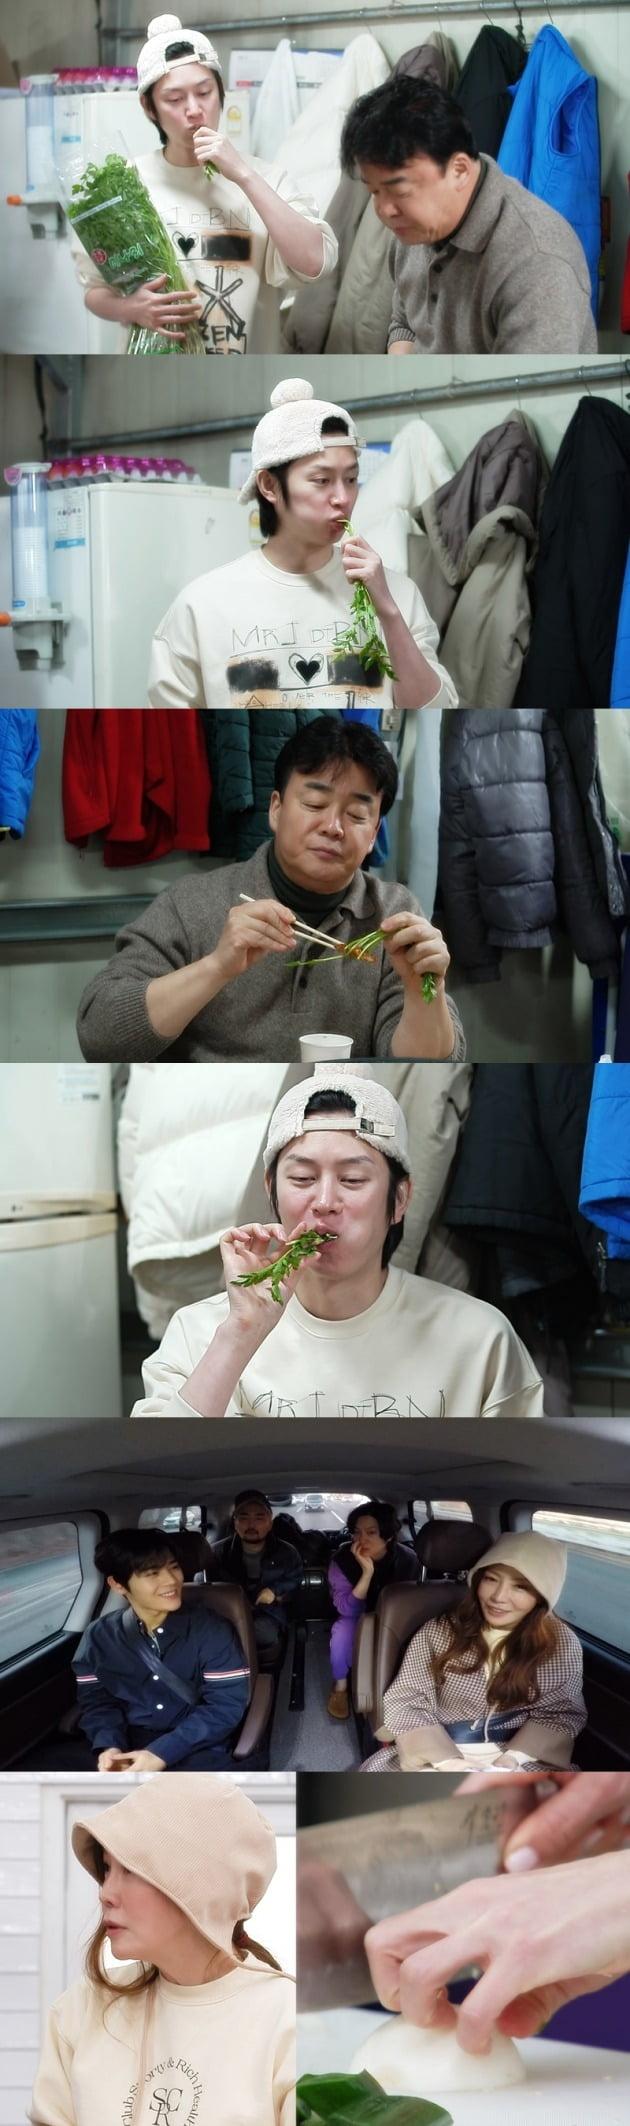 '맛남의 광장'이 미나리 살리기에 나선다. / 사진제공=SBS